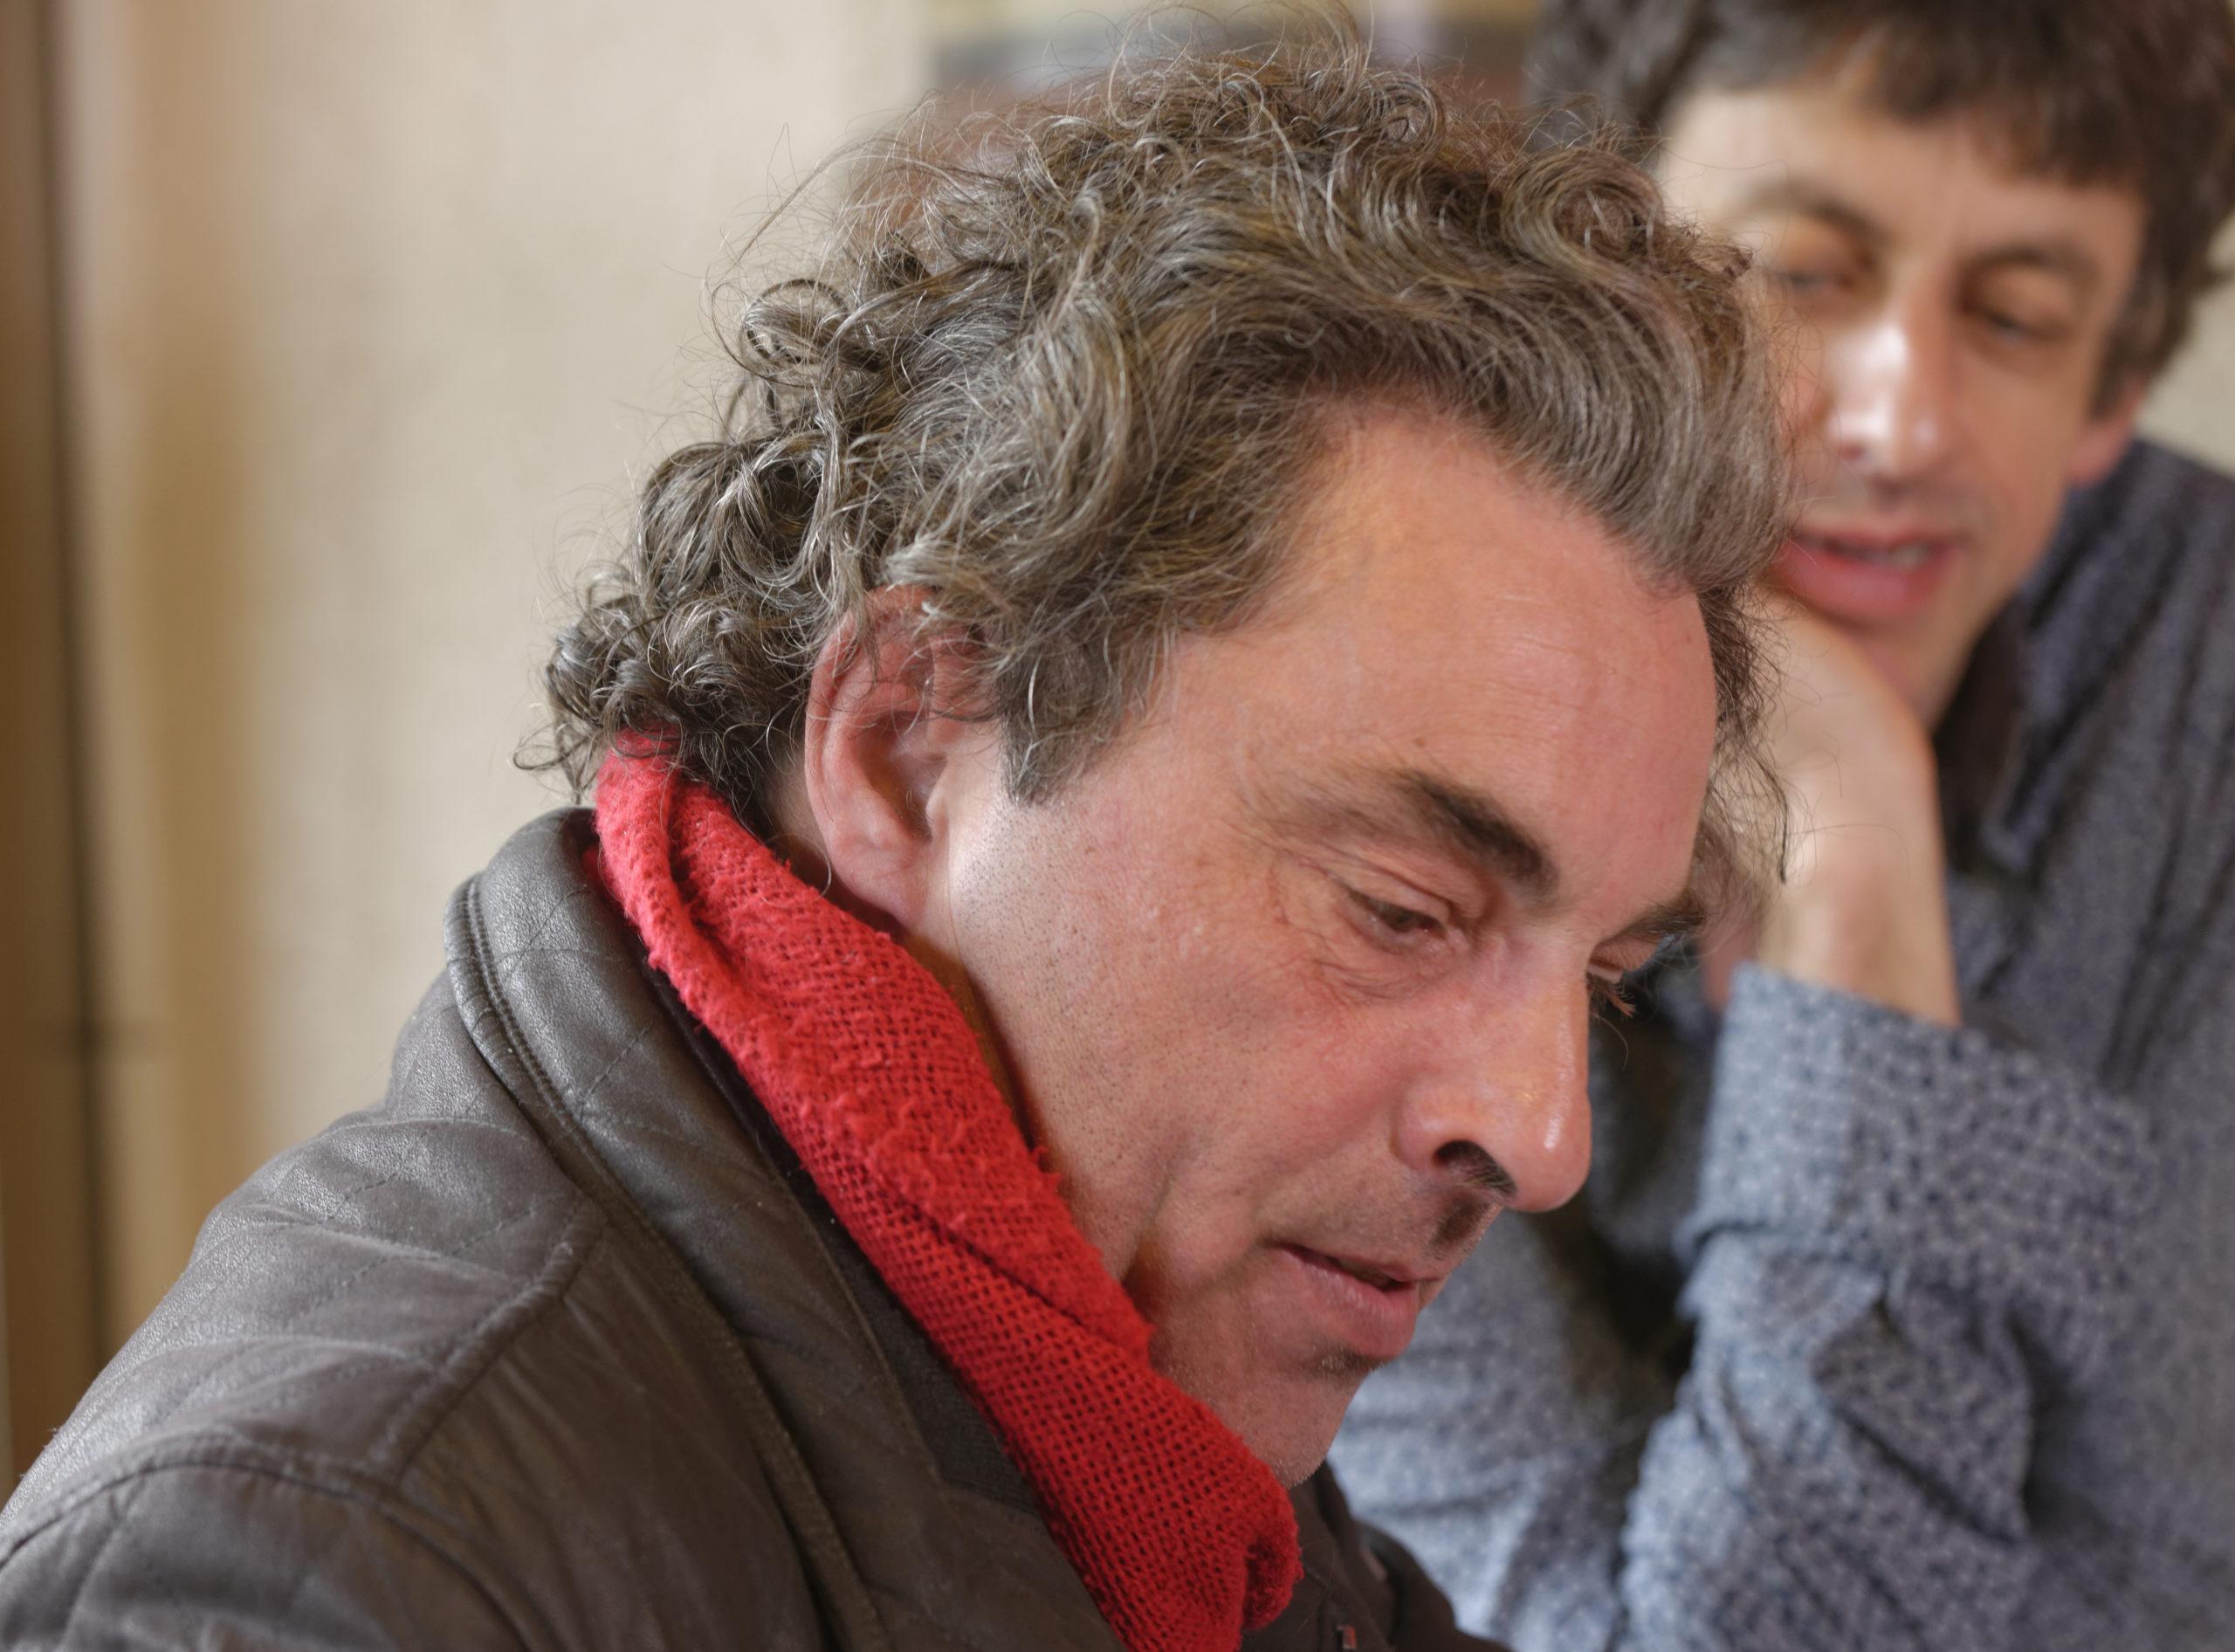 Pere et impair photos tournage 44